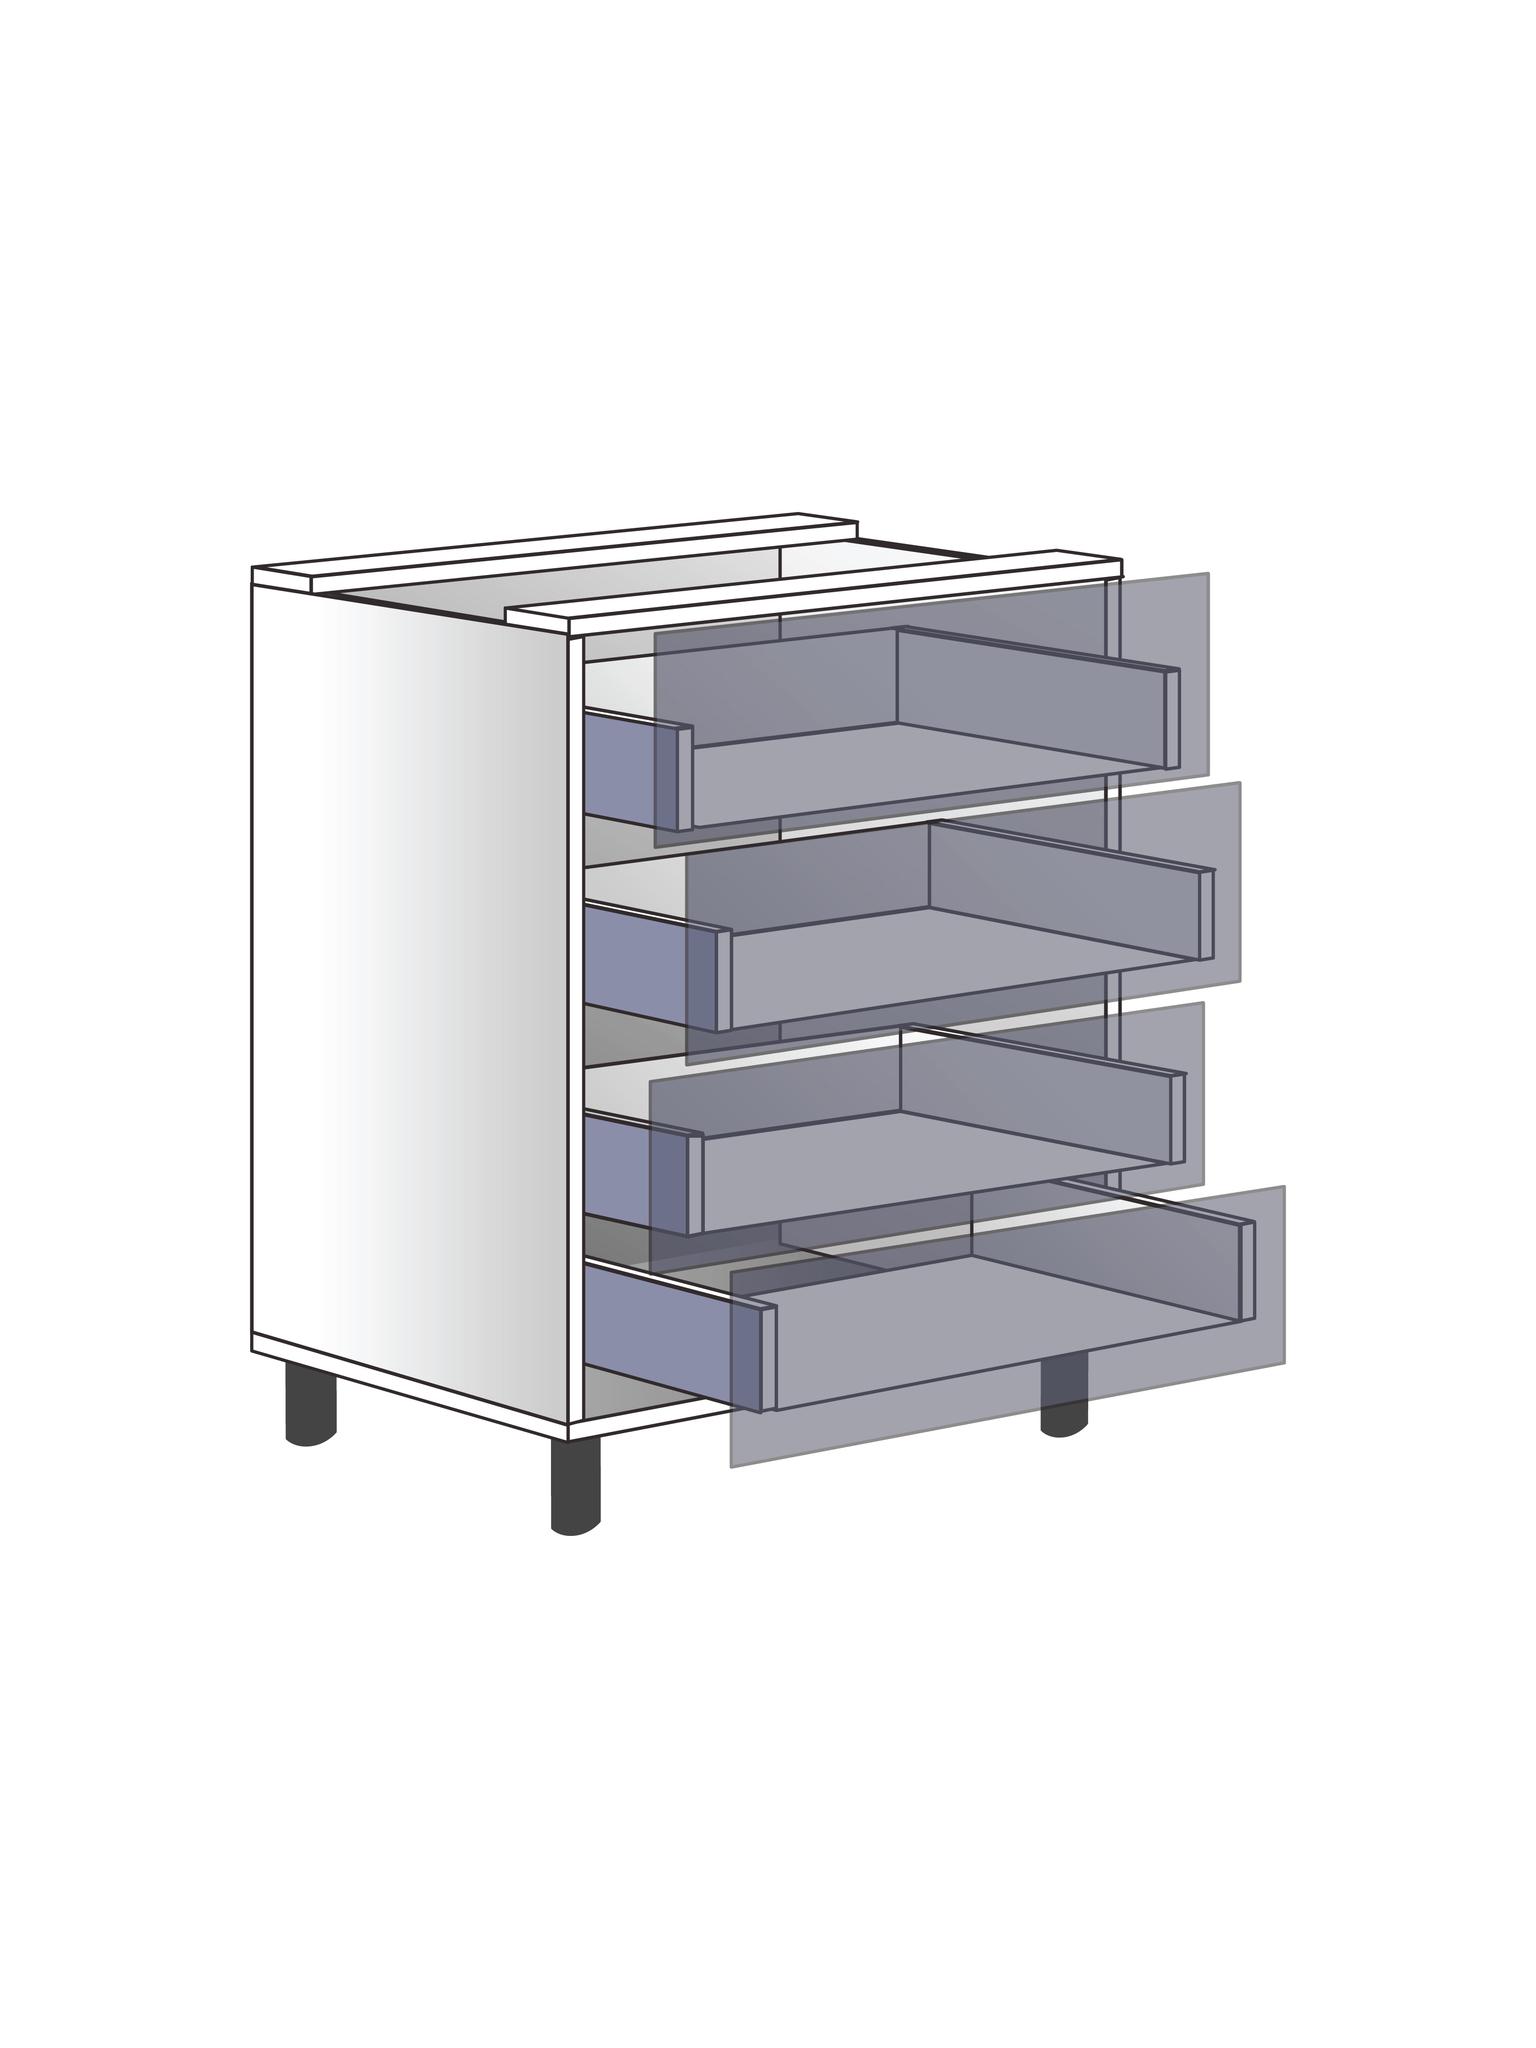 Напольный шкаф c 4 ящиками, 720Х600 мм / PushToOpen